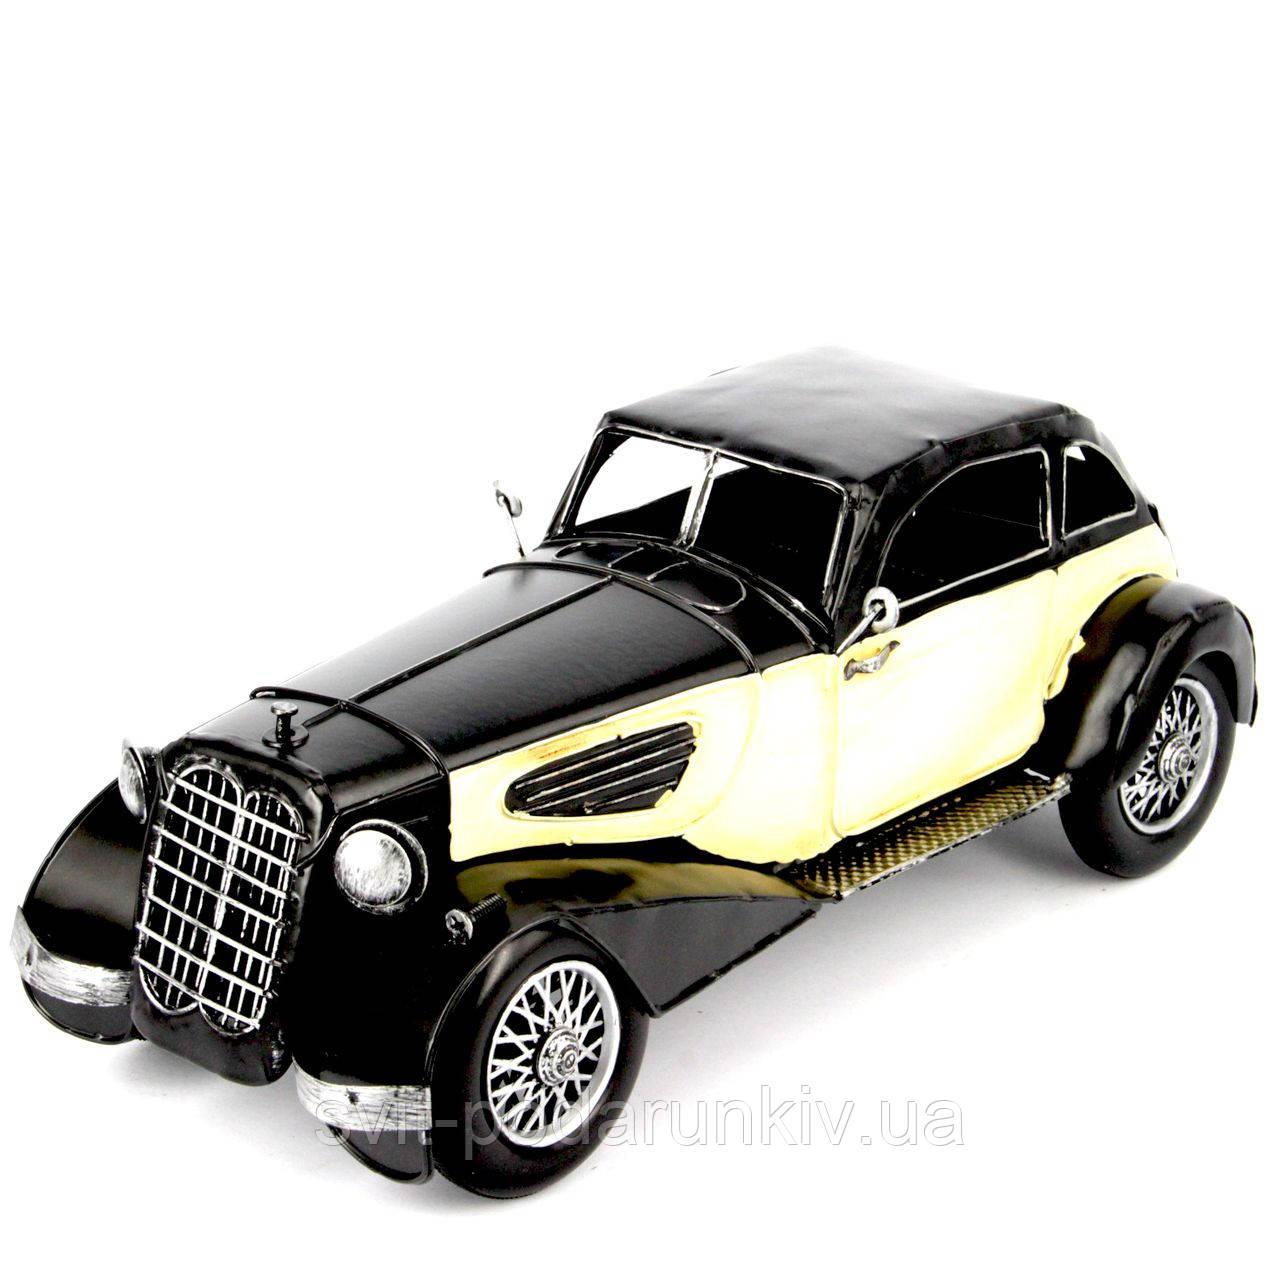 Модель автомобиля ретро CJ110503